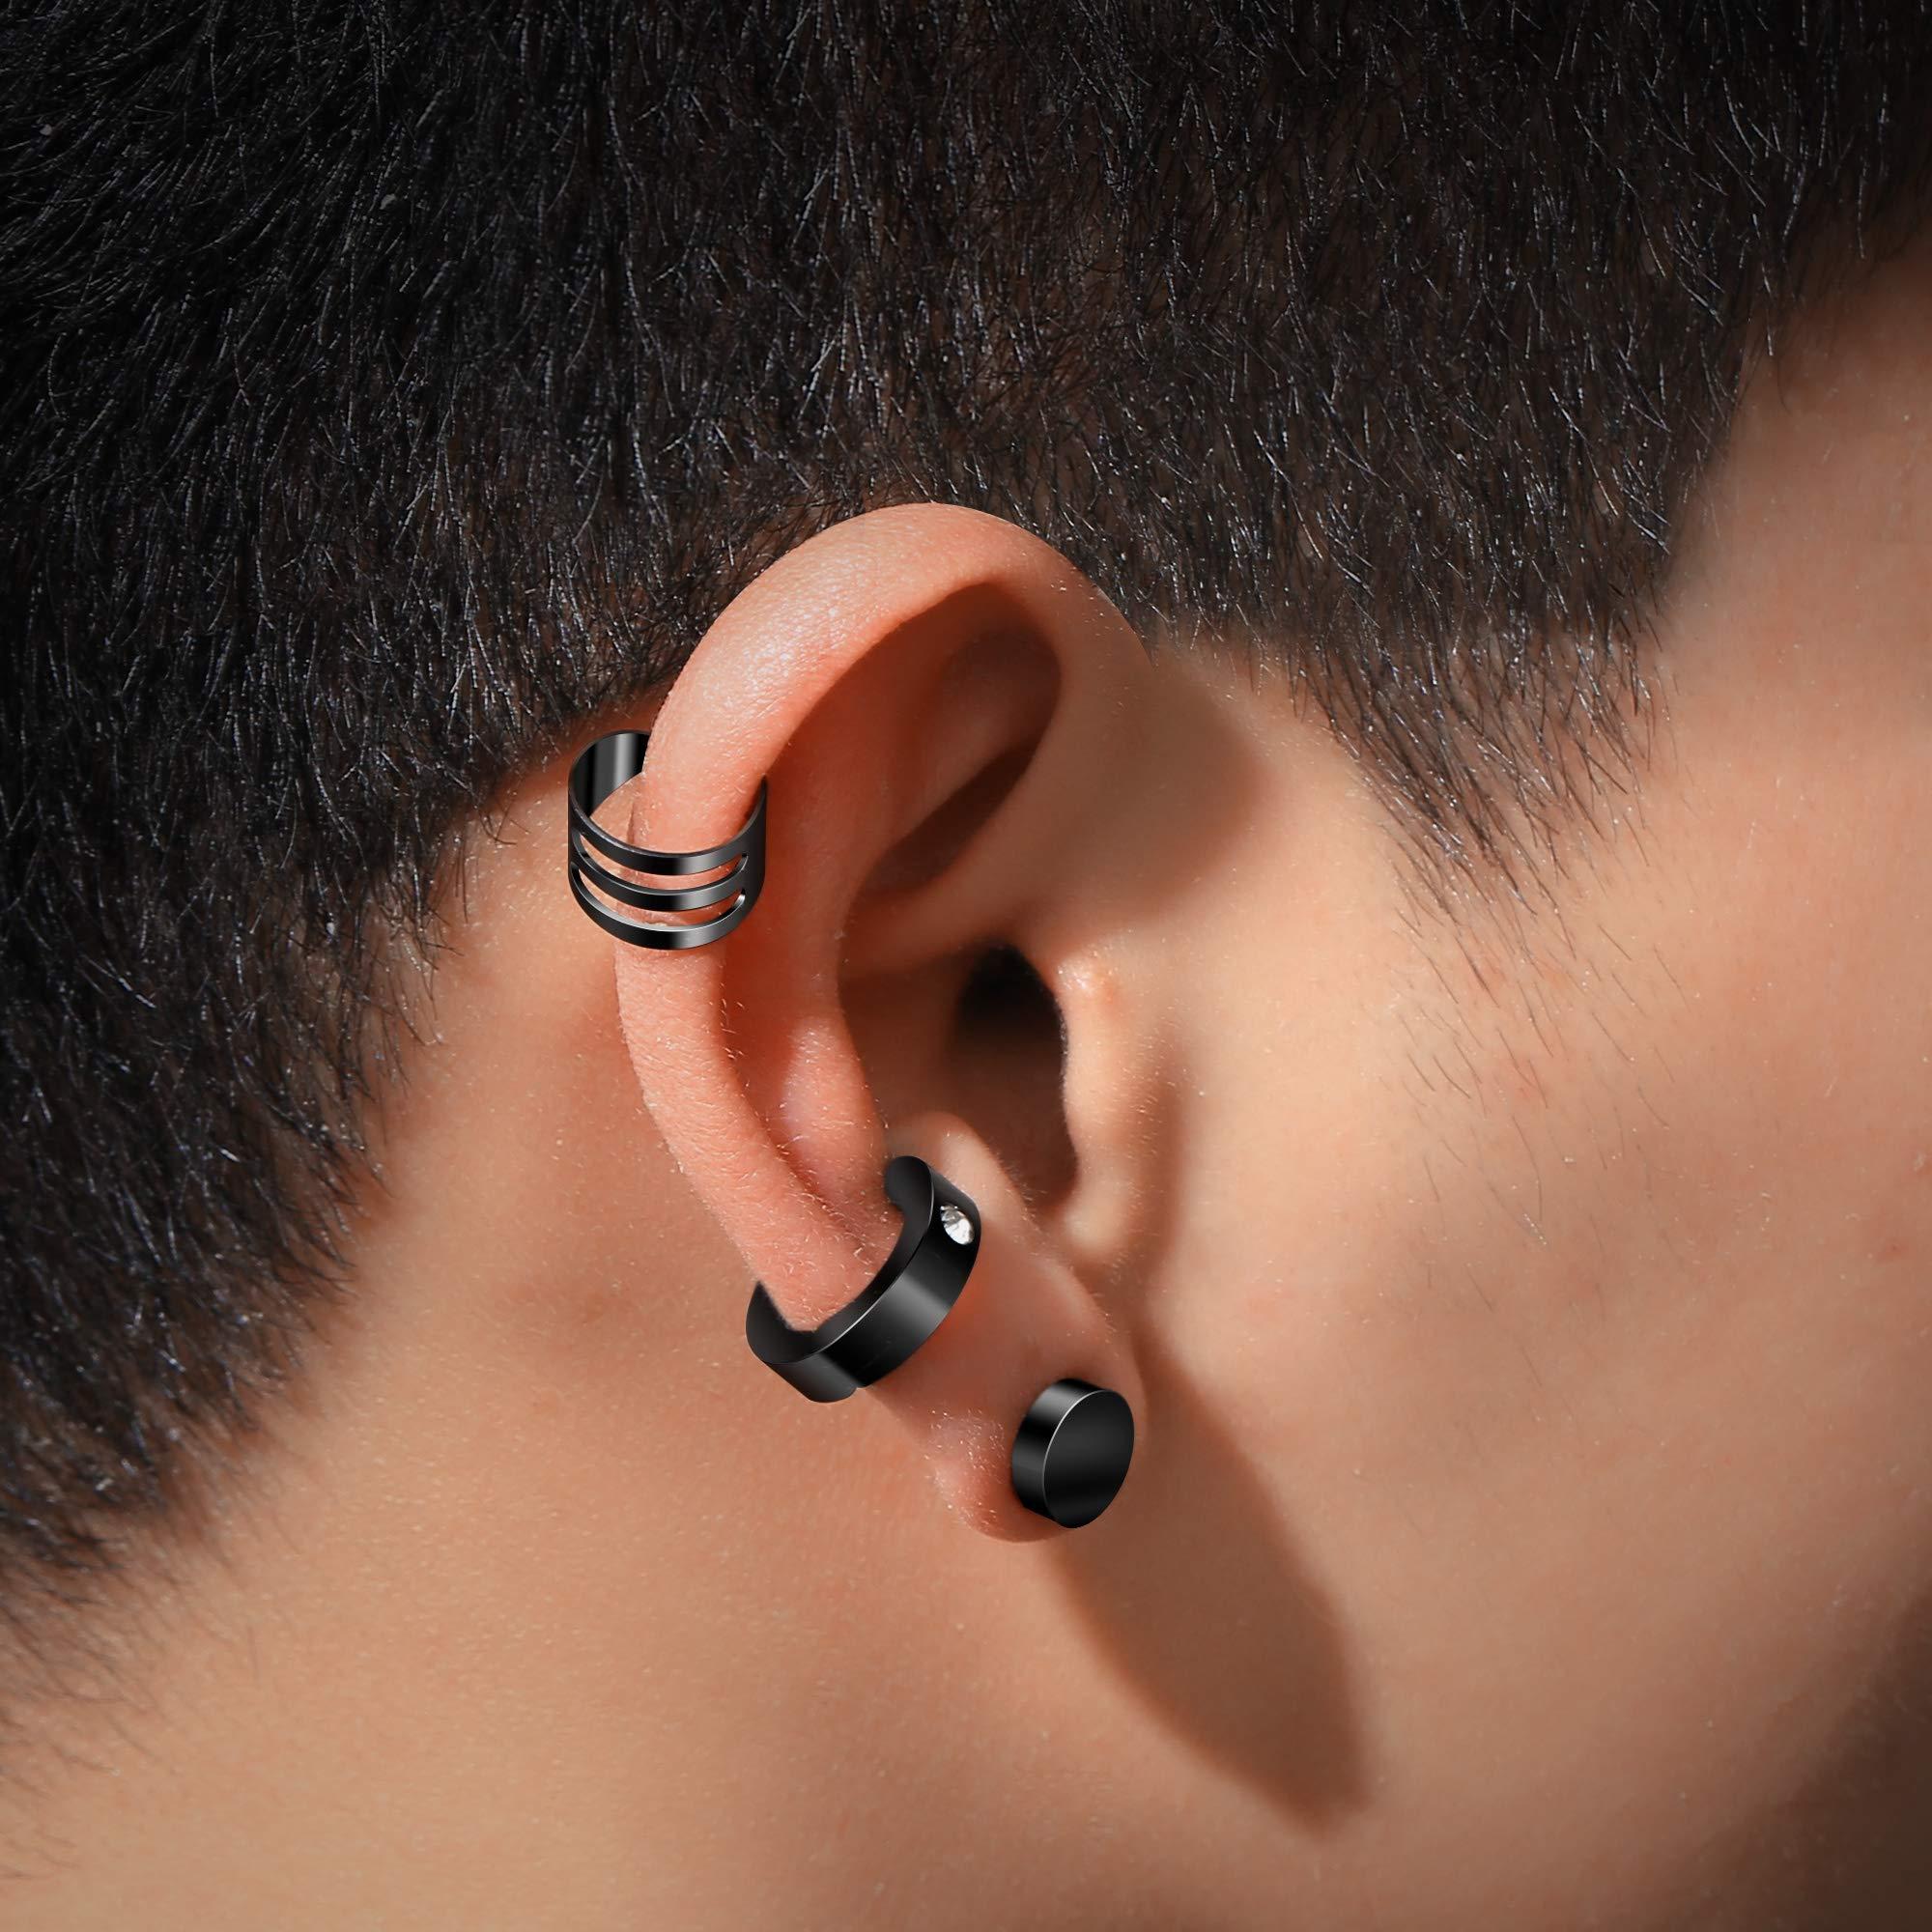 6 Pairs Unisex Stainless Steel Ear Clip Non Piercing Earrings Men Women Ear Cuff Ear Bone Clips Magnetic Cartilage Earring Cuff Studs Black Silver